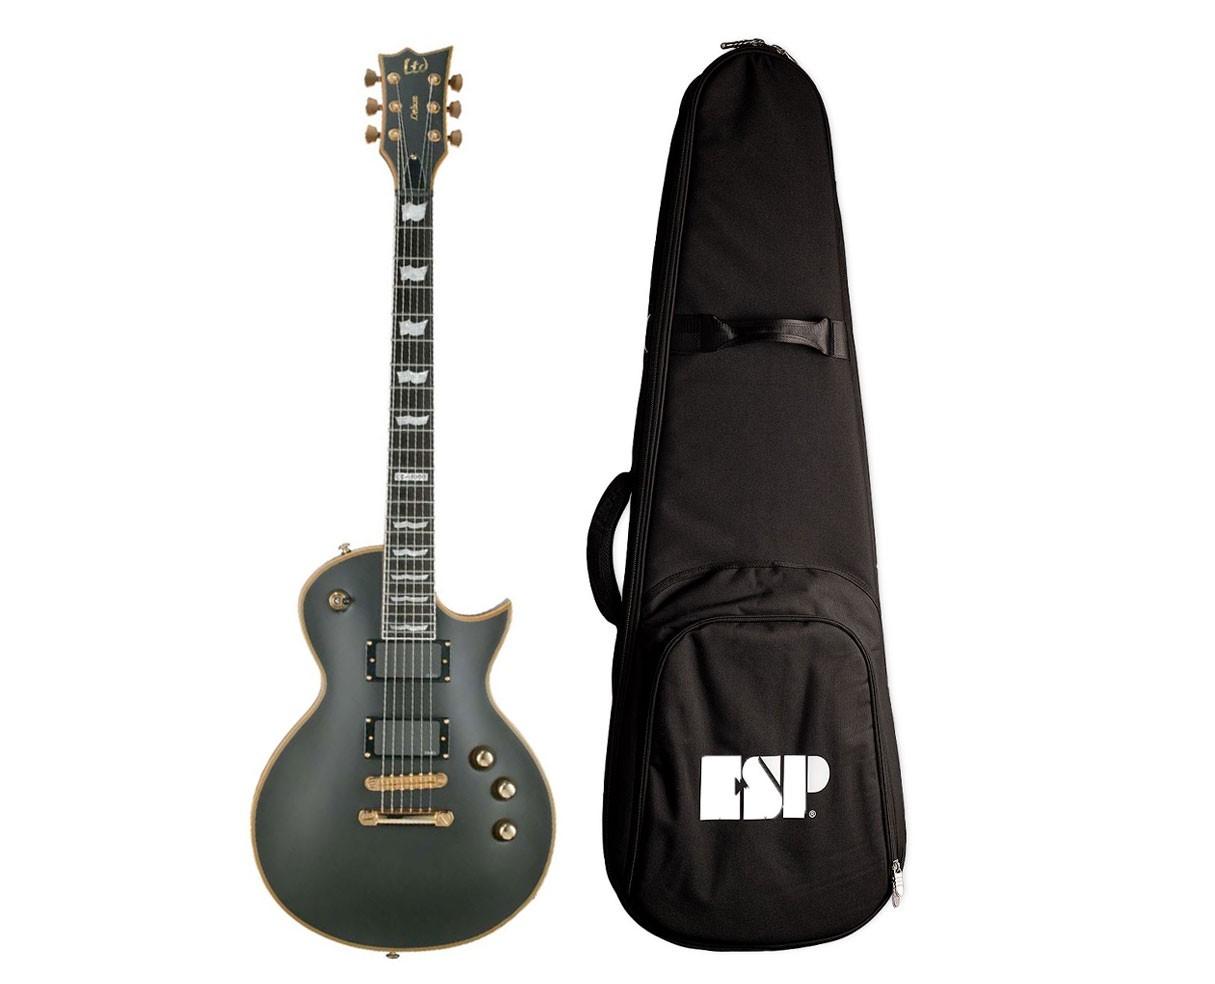 15422a2ad22 ESP LTD EC-1000VB - Vintage Black + ESP Premium Gig Bag